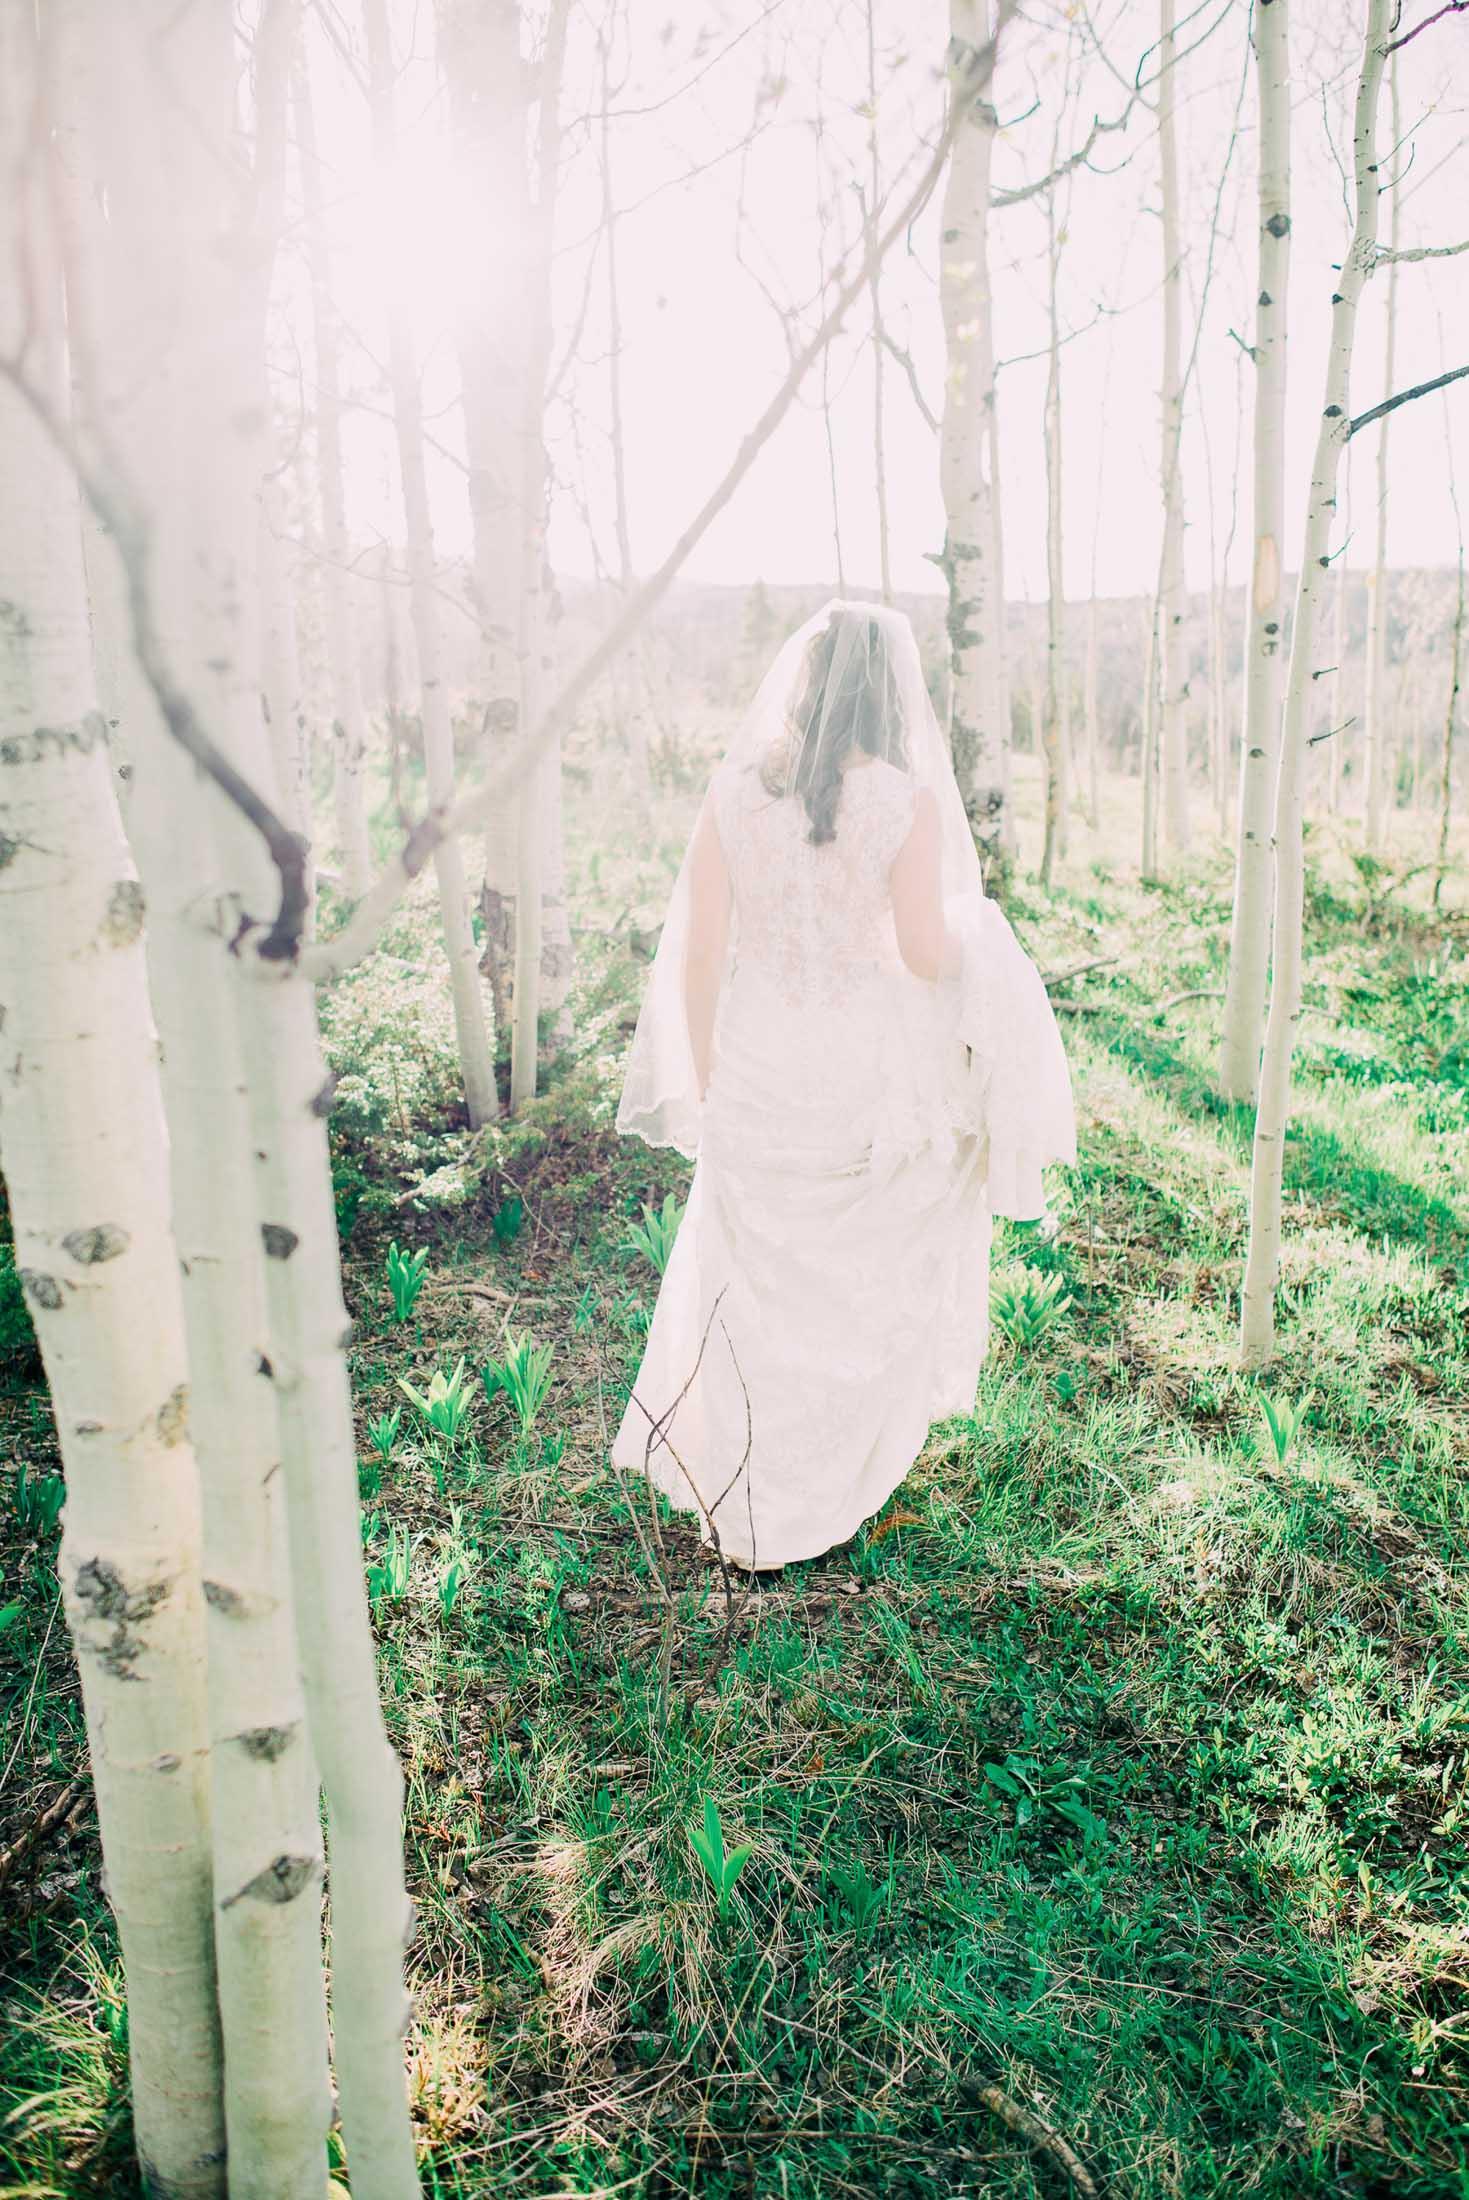 117elopement-photographer-colorado-115colorado-mountain-wedding-photographer-romantic-wedding-pictures_023.jpg